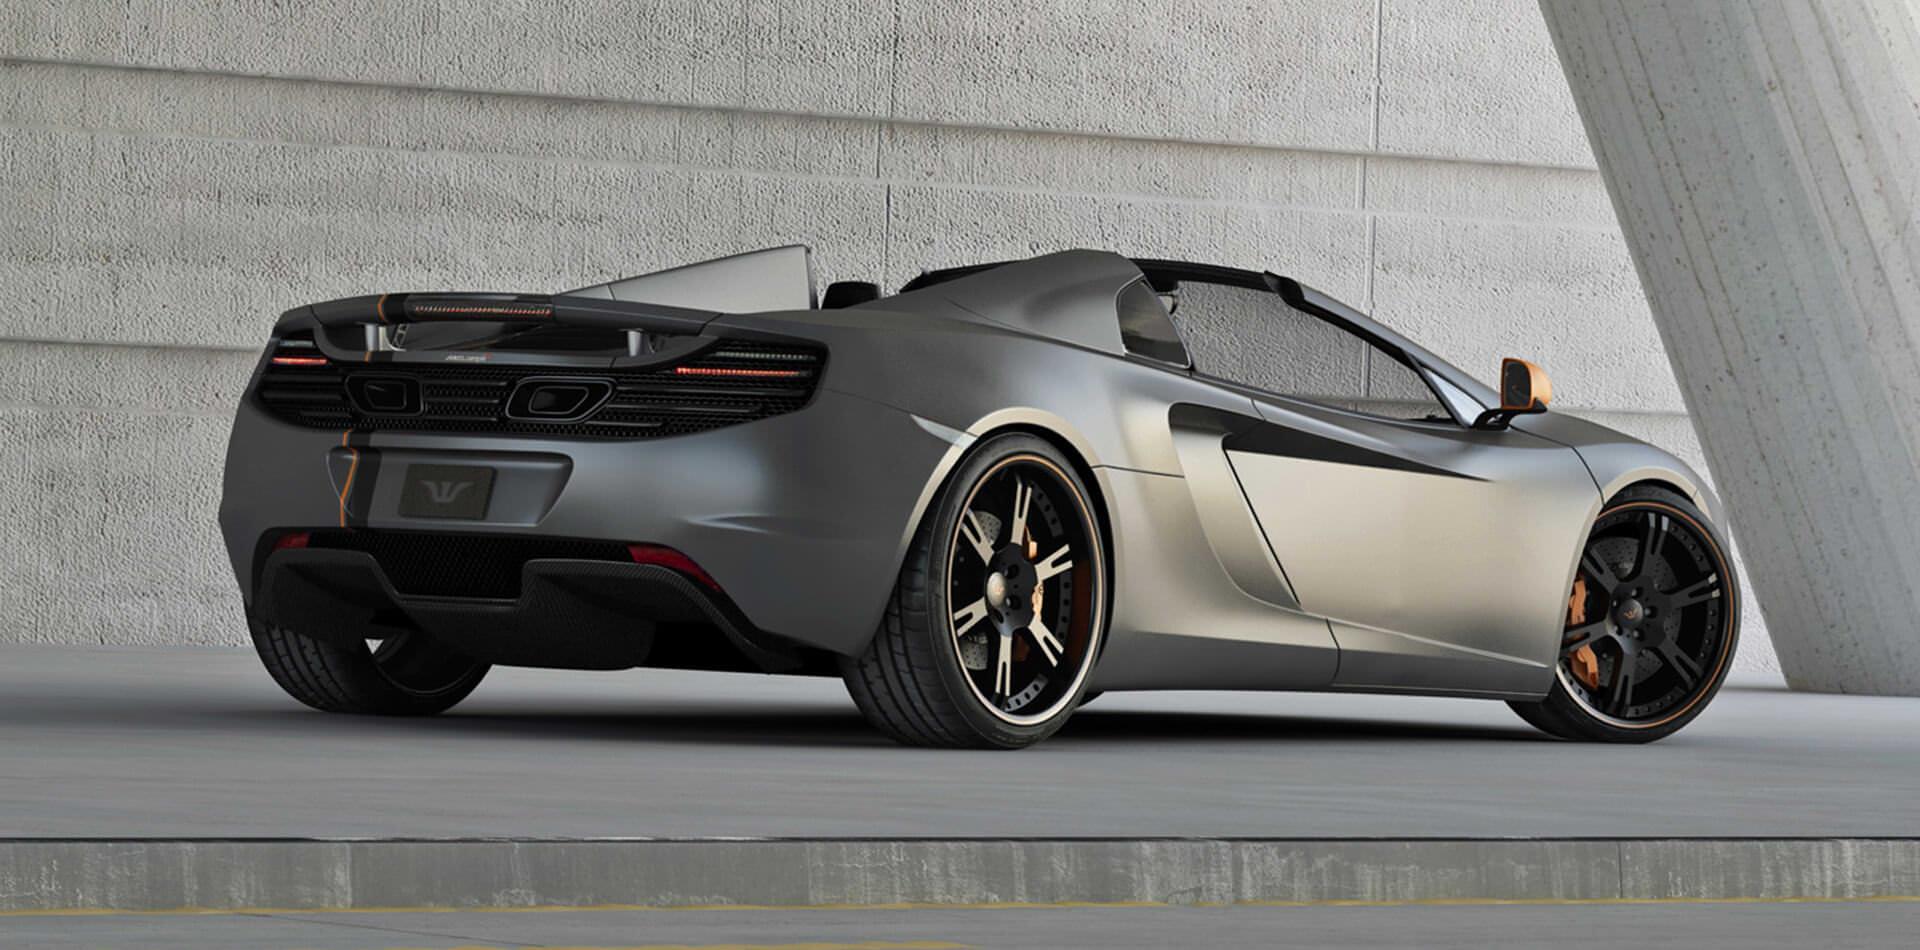 McLaren_MP4-12C_Spider-2013_Felgen